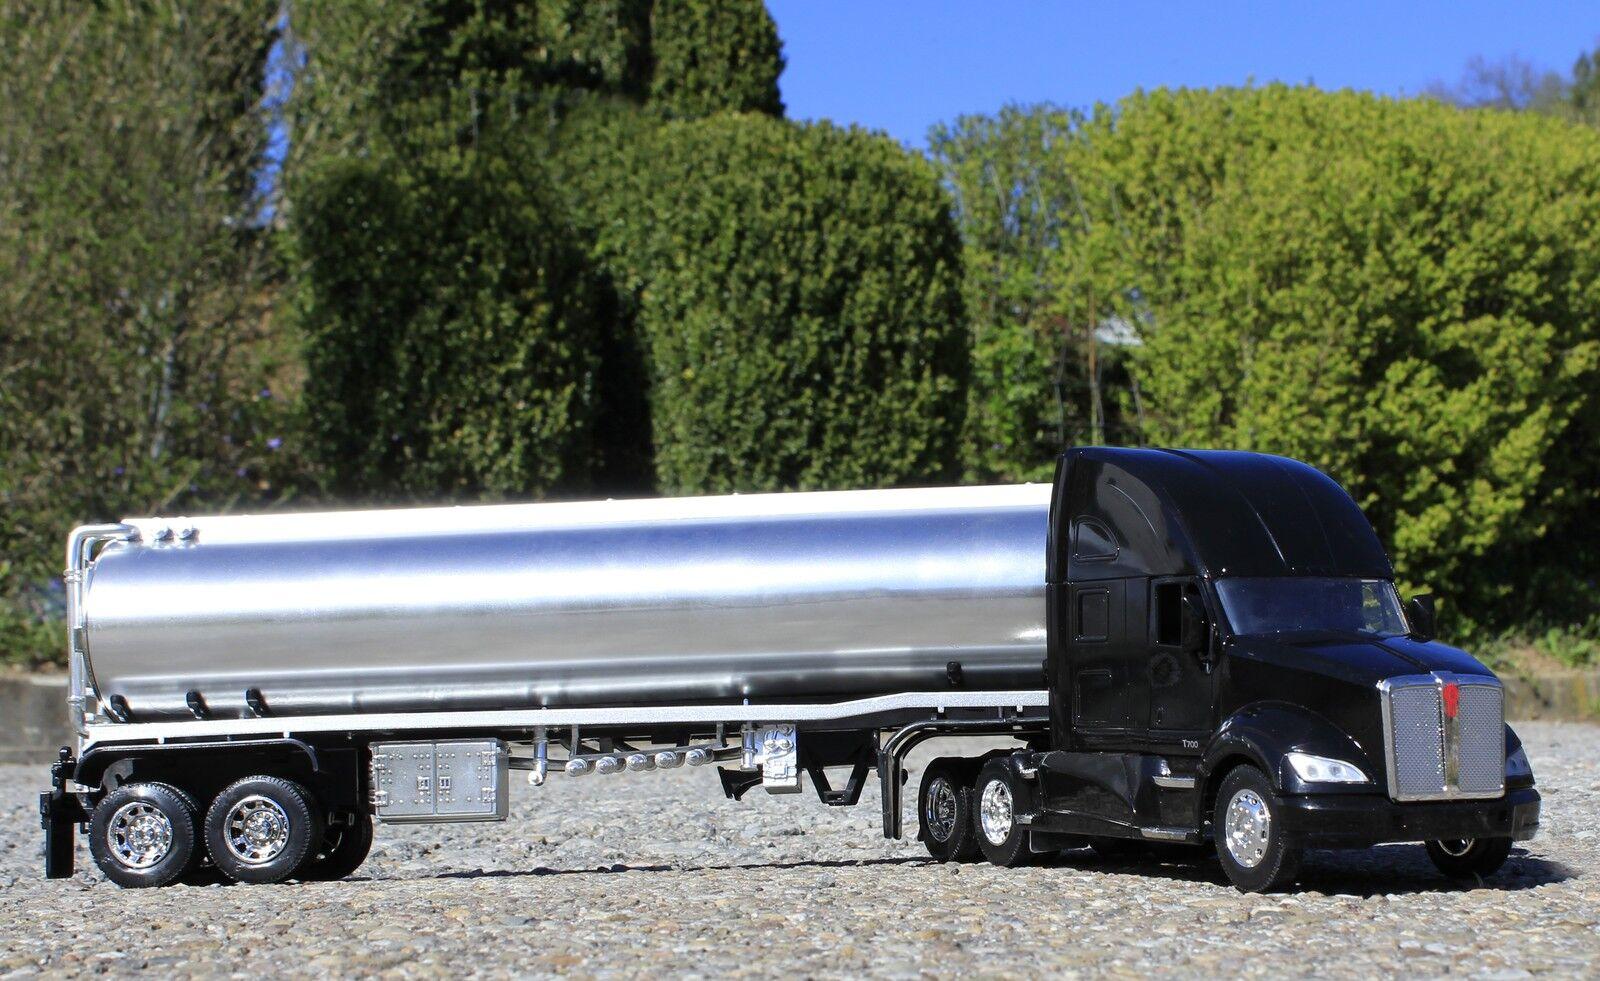 Spielzeug LKW Kenworth T700 mit Benzin ANHÄNGER in 1 32 Länge 58cm         12223